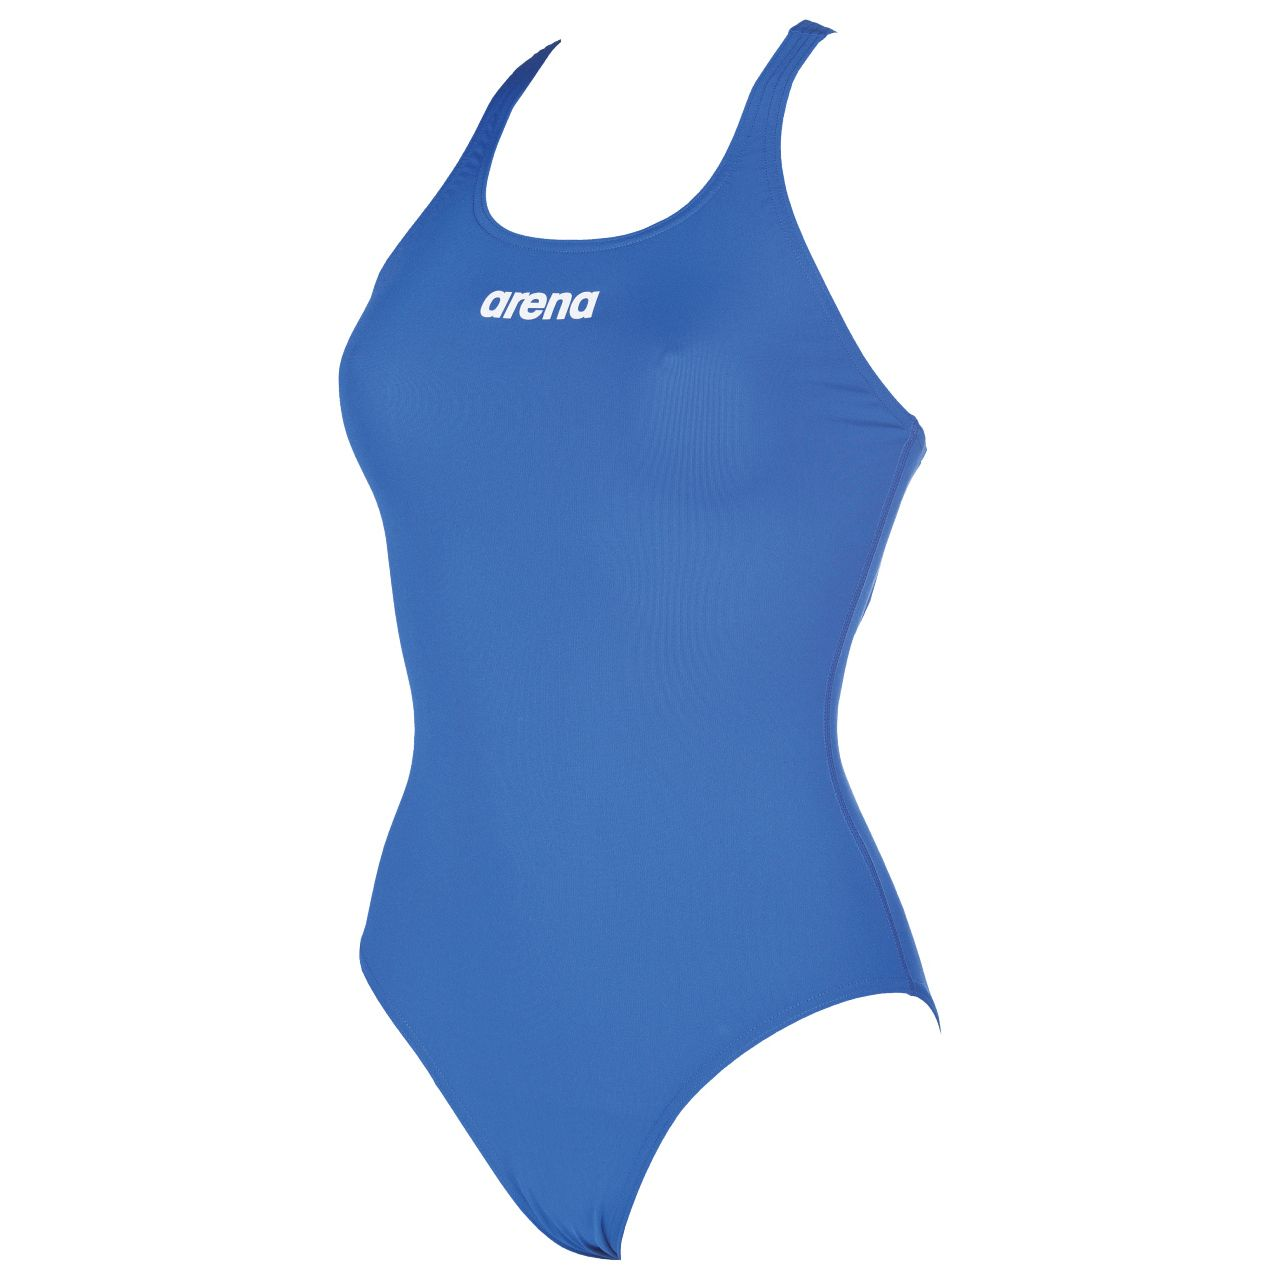 Traje de Baño Deportivo arena para Niña Solid Swim Pro con Forro_6025